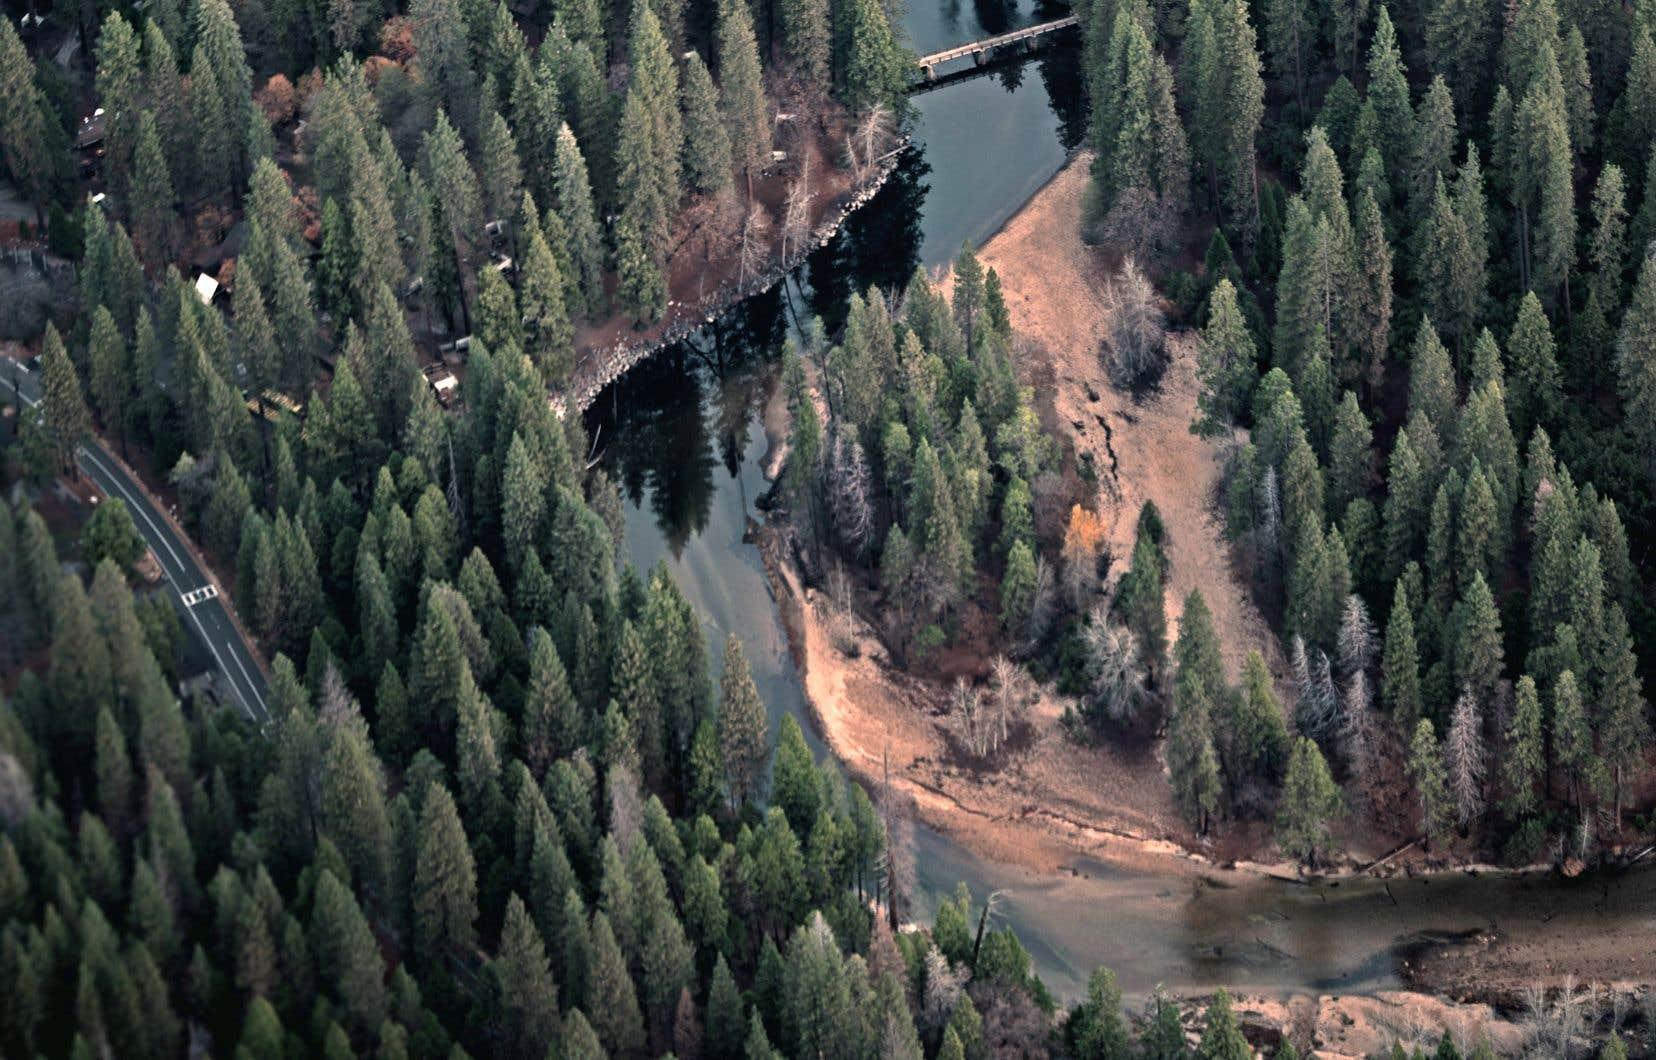 La courte durée de la saison chaude est actuellement le facteur limitant de la croissance des forêts dans les régions nordiques.